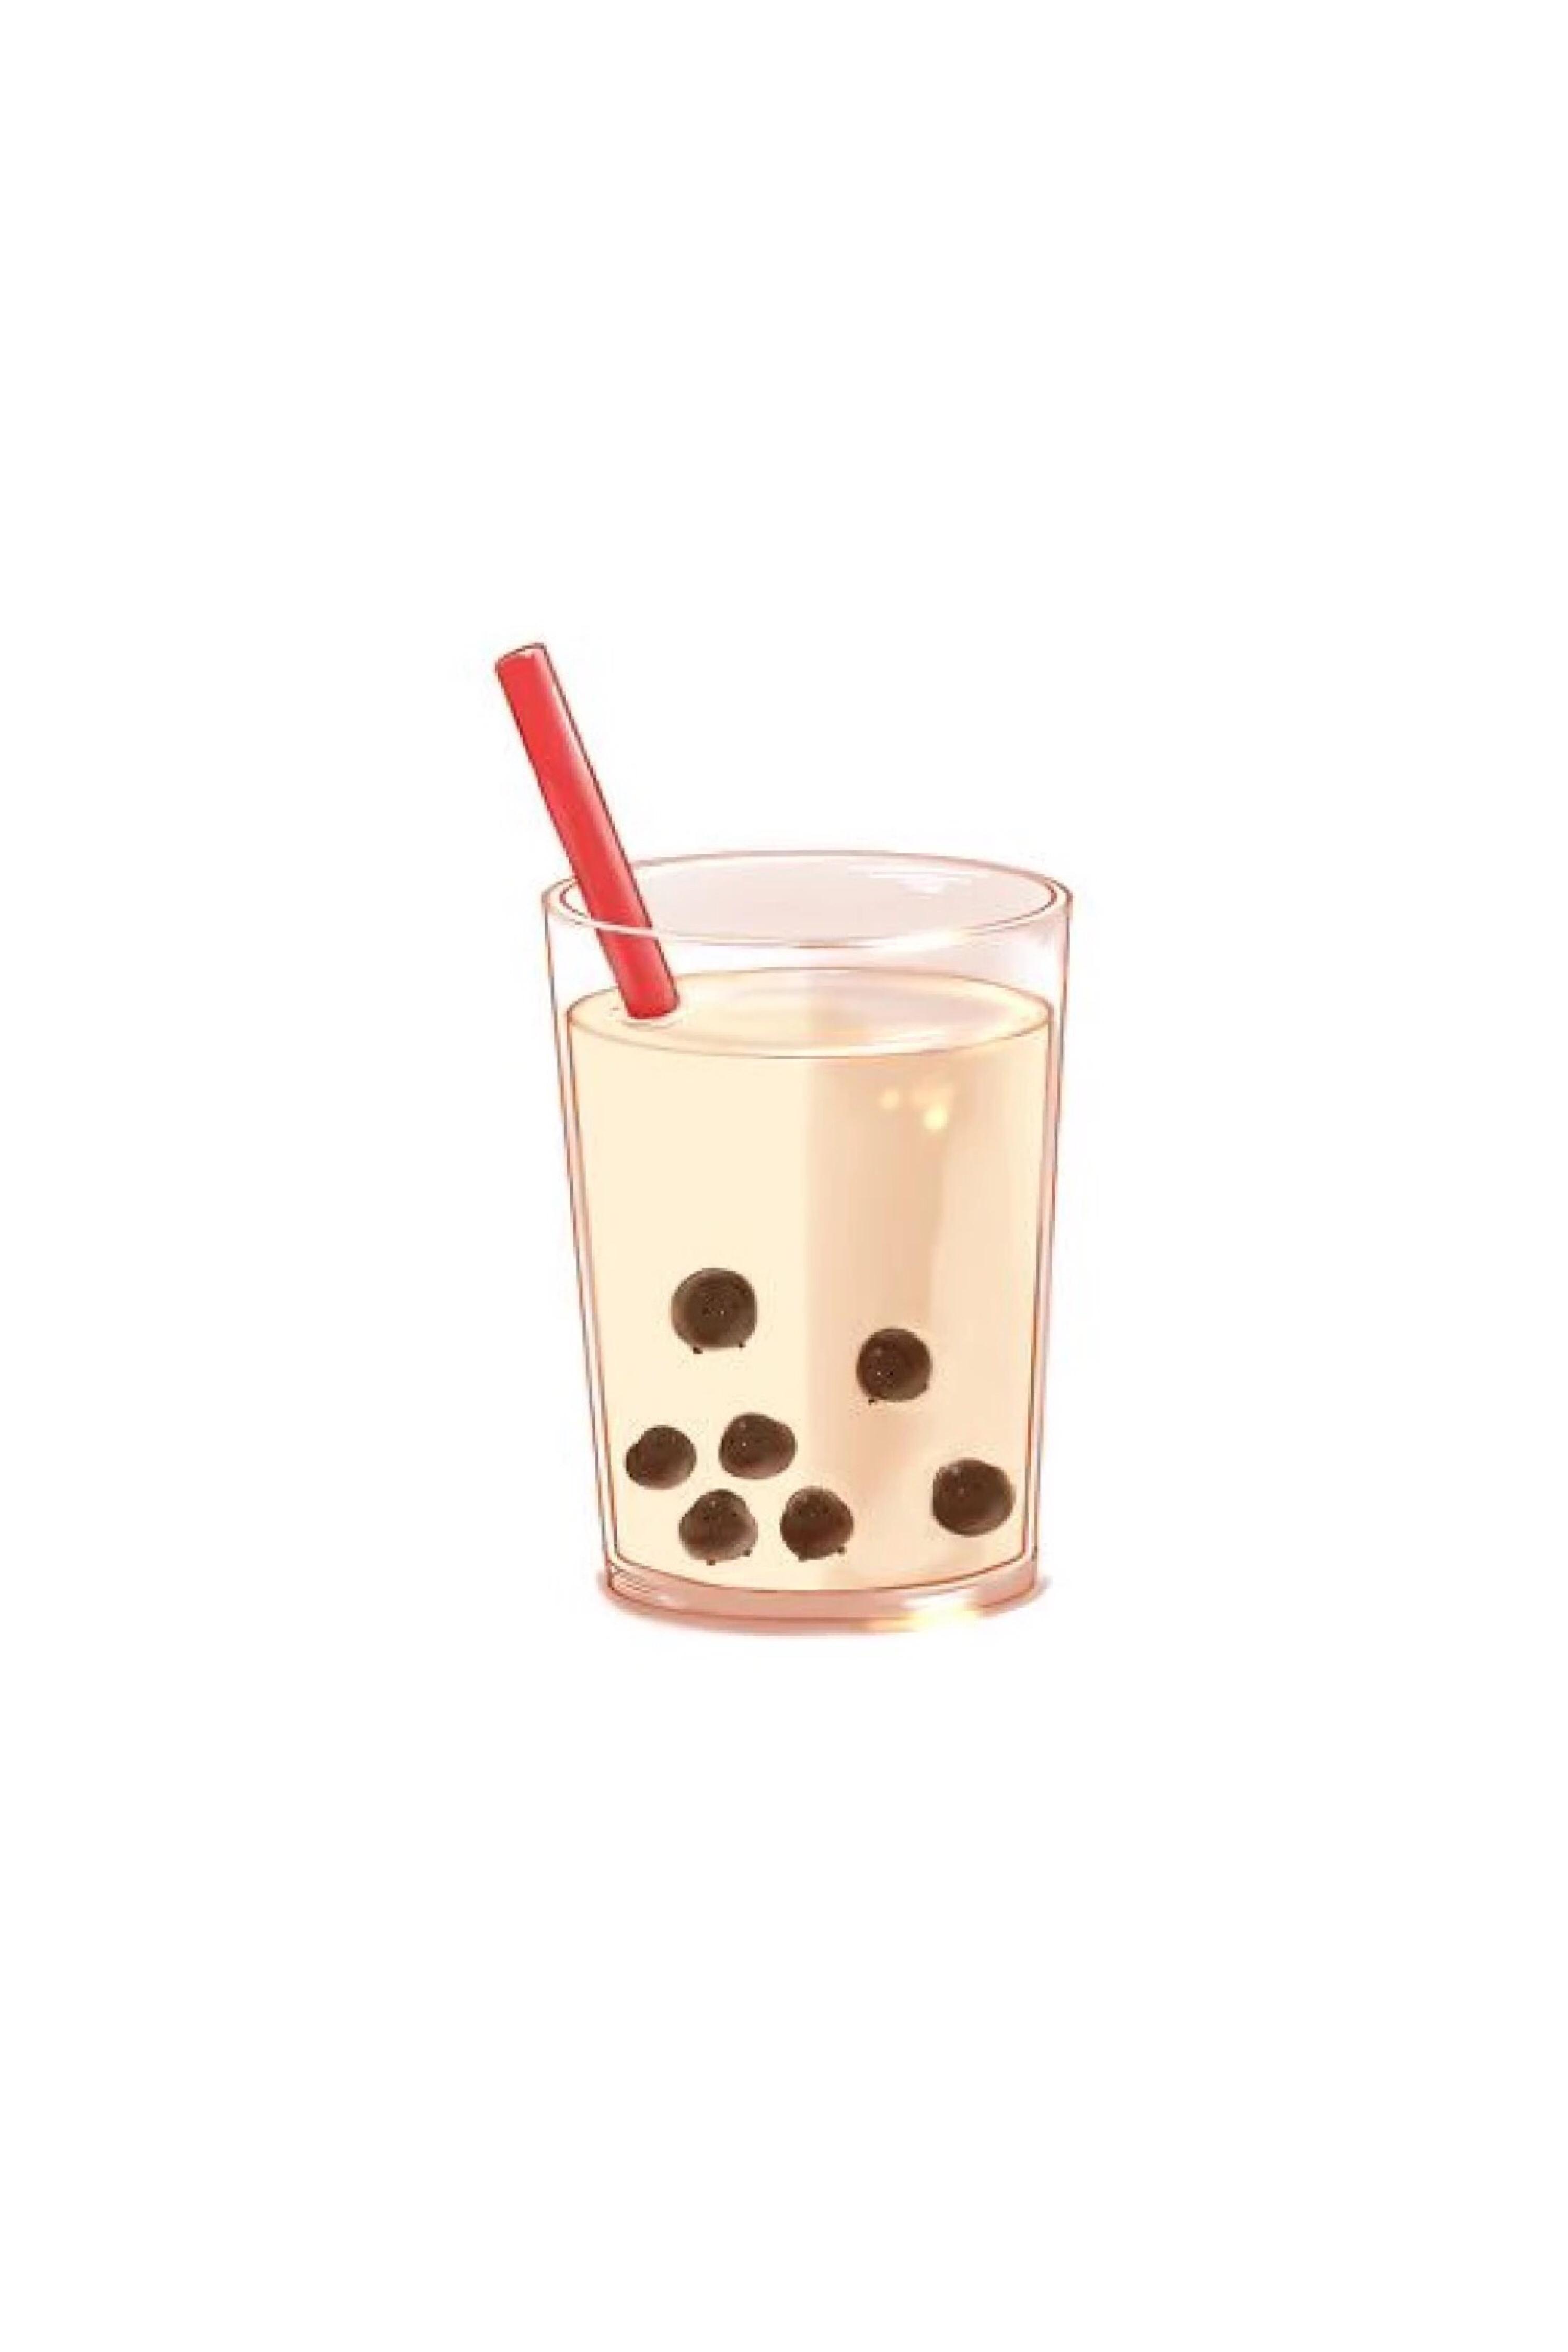 加入港黑后我卖起了珍珠奶茶[综]